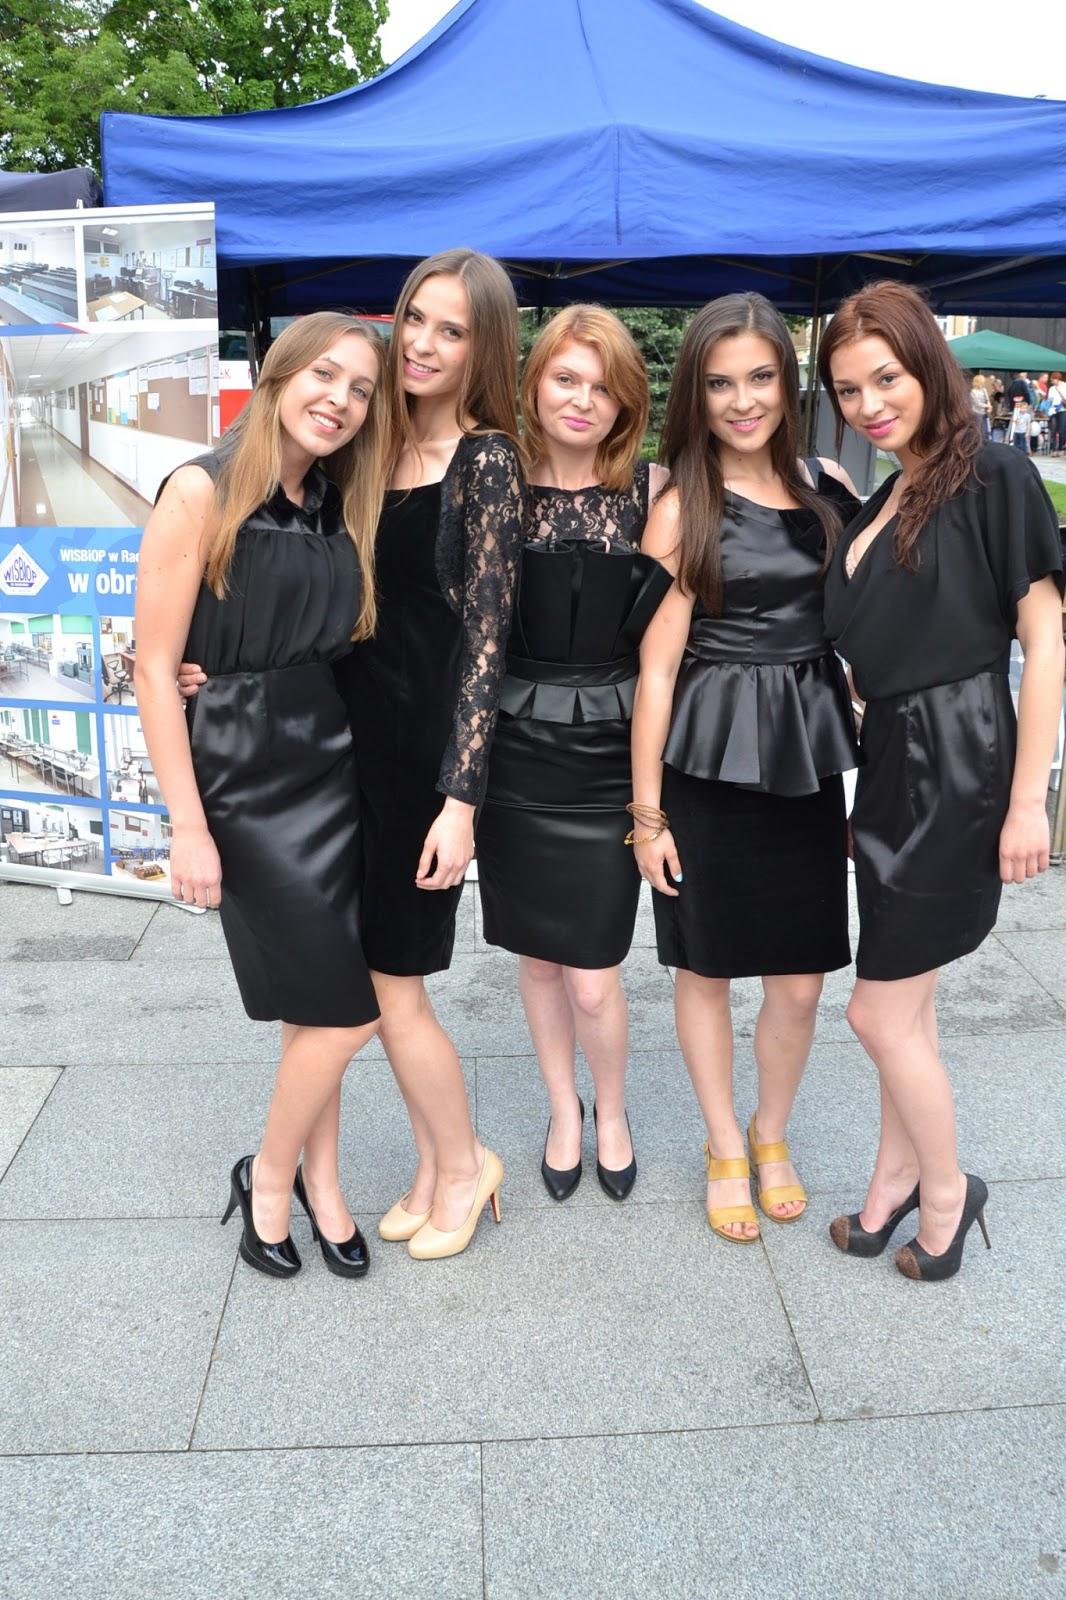 Fashion And Style By Emilia Wr Bel Piknik Z Okazji Dnia